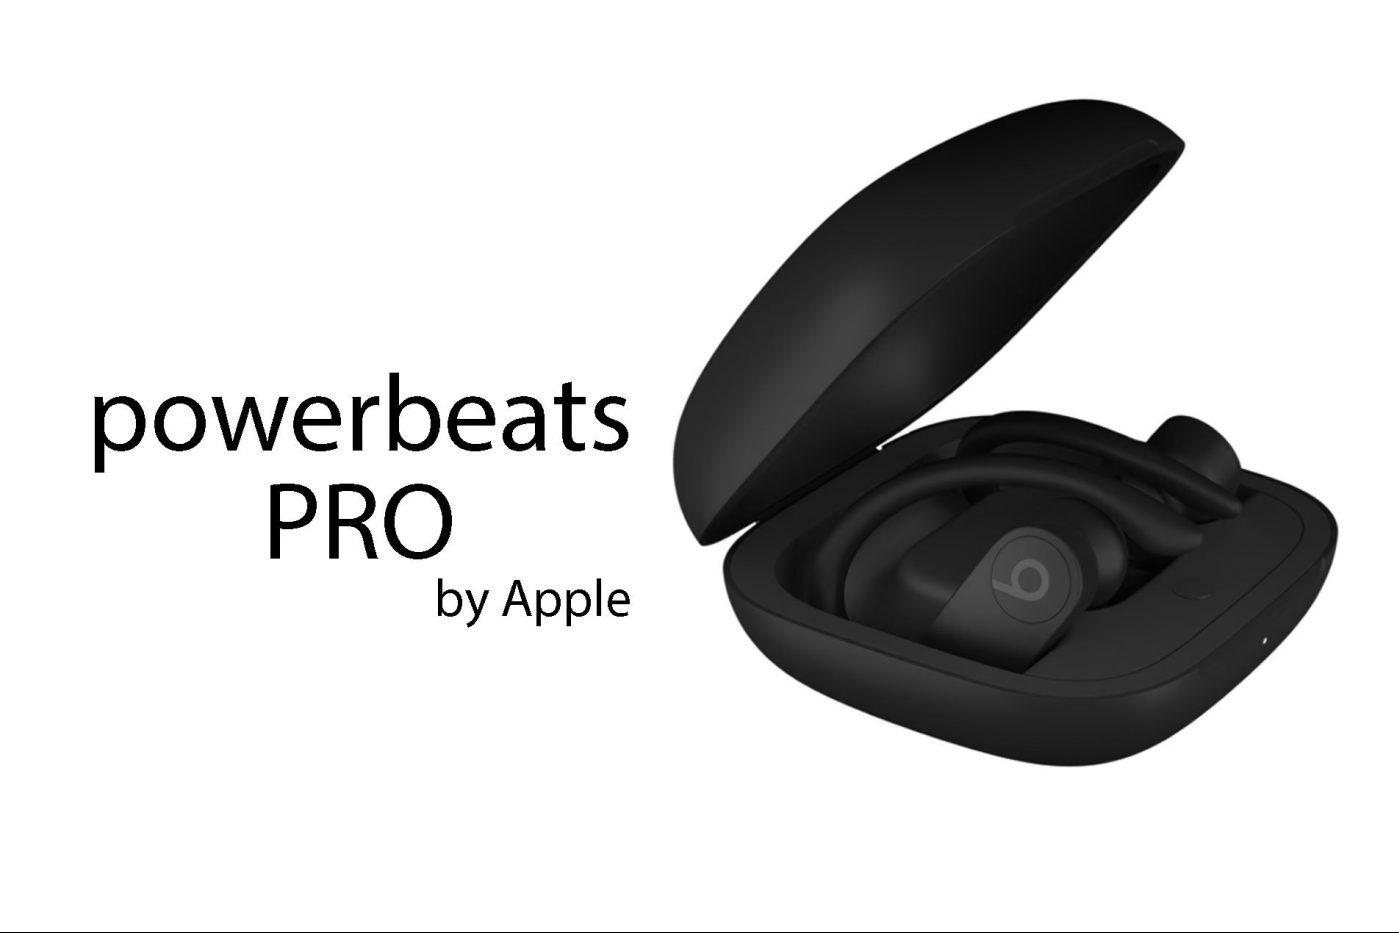 Une fuite révèle les écouteurs Powerbeats Pro par erreur